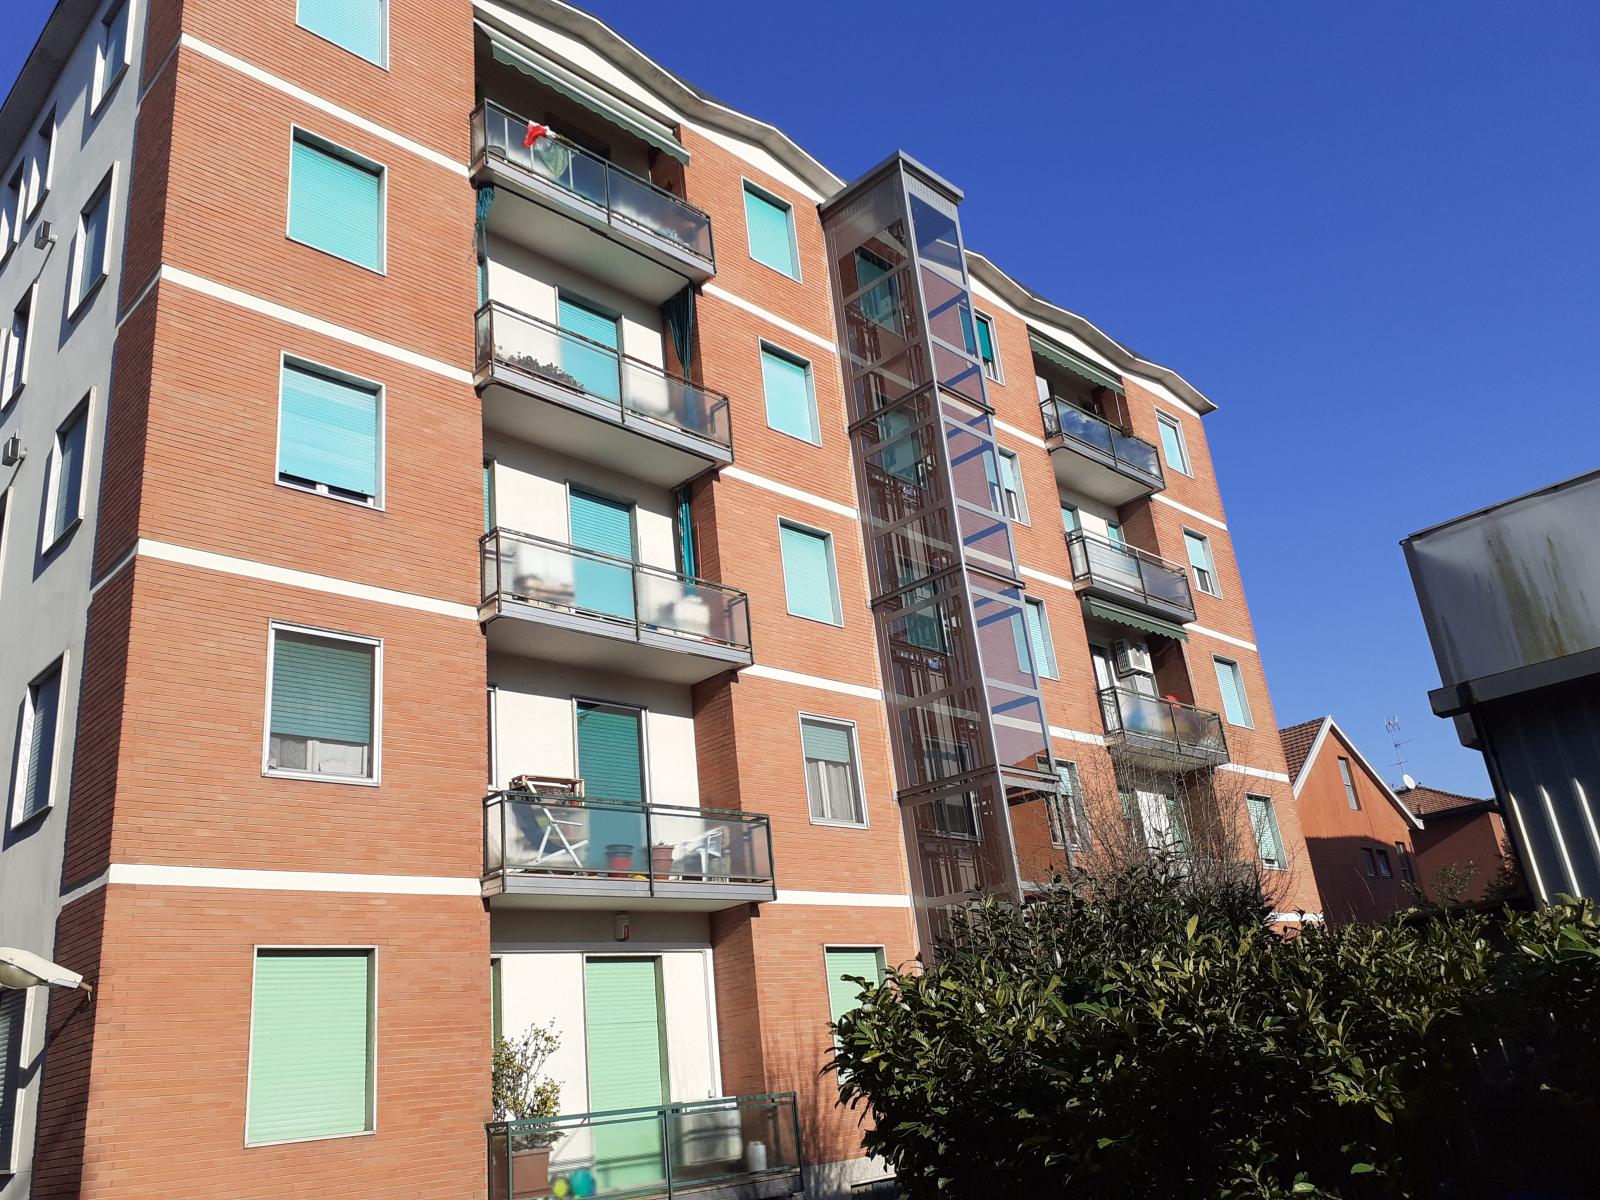 appartamento-in-vendita-a-milano-baggio-via-bagarotti-spaziourbano-immobiliare-vende-2-locali-03